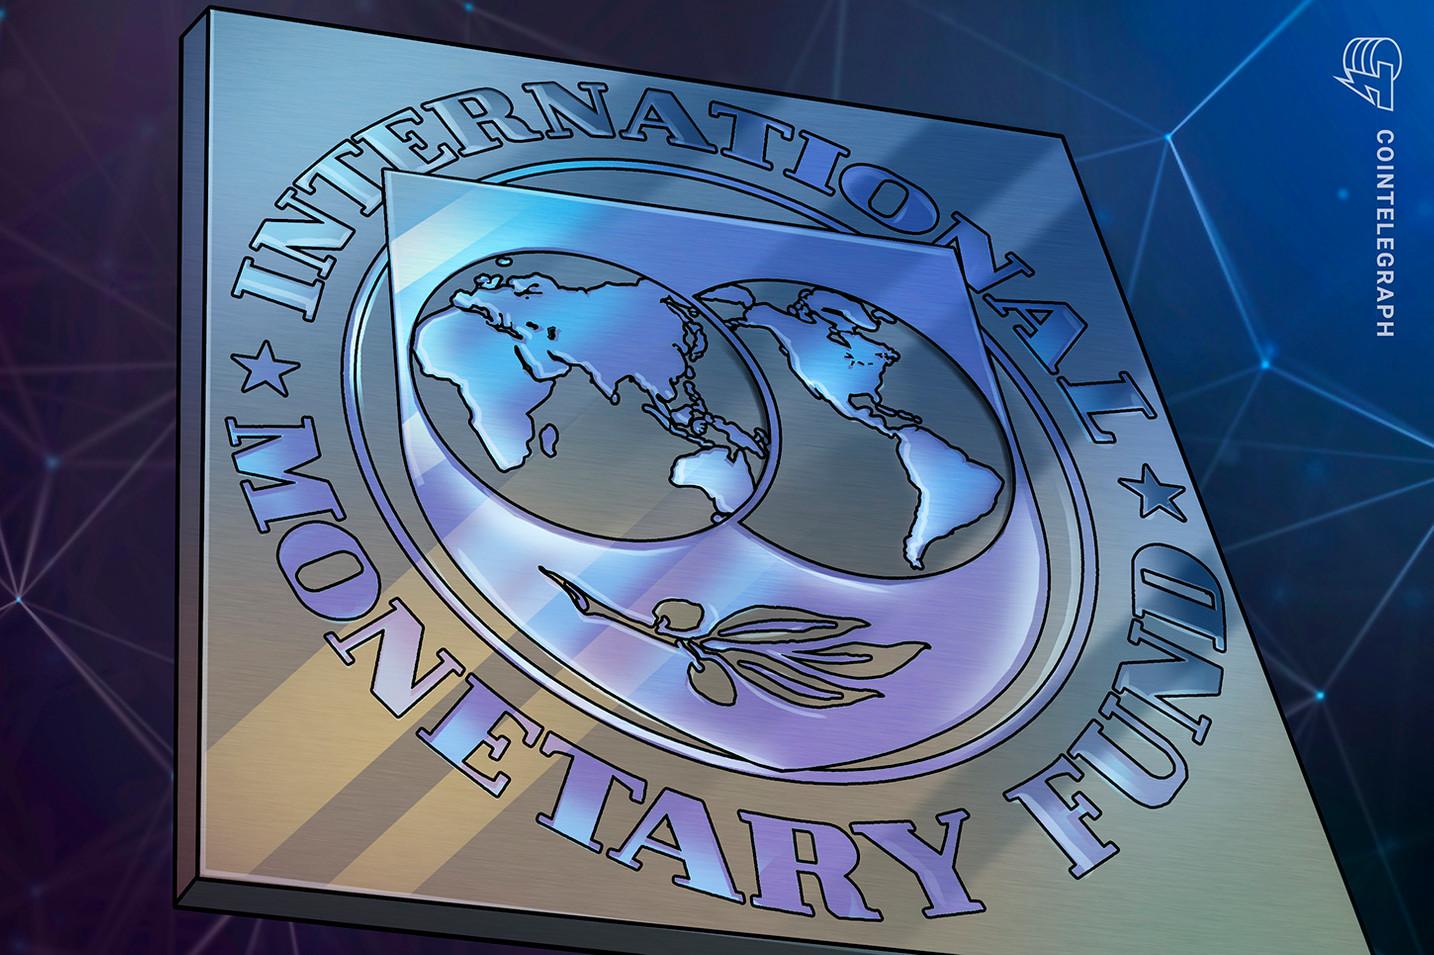 IMFは、デジタル通貨の監視を「強化」する予定です。